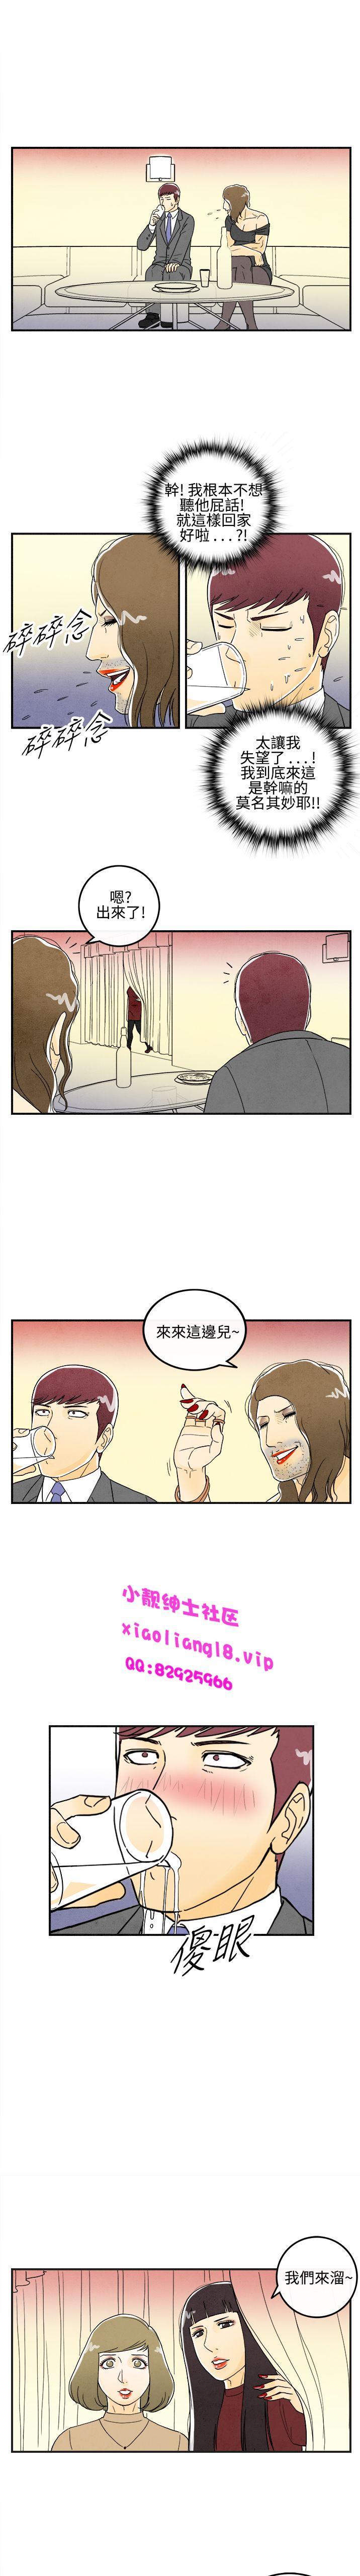 中文韩漫 离婚报告书 Ch.0-10 74